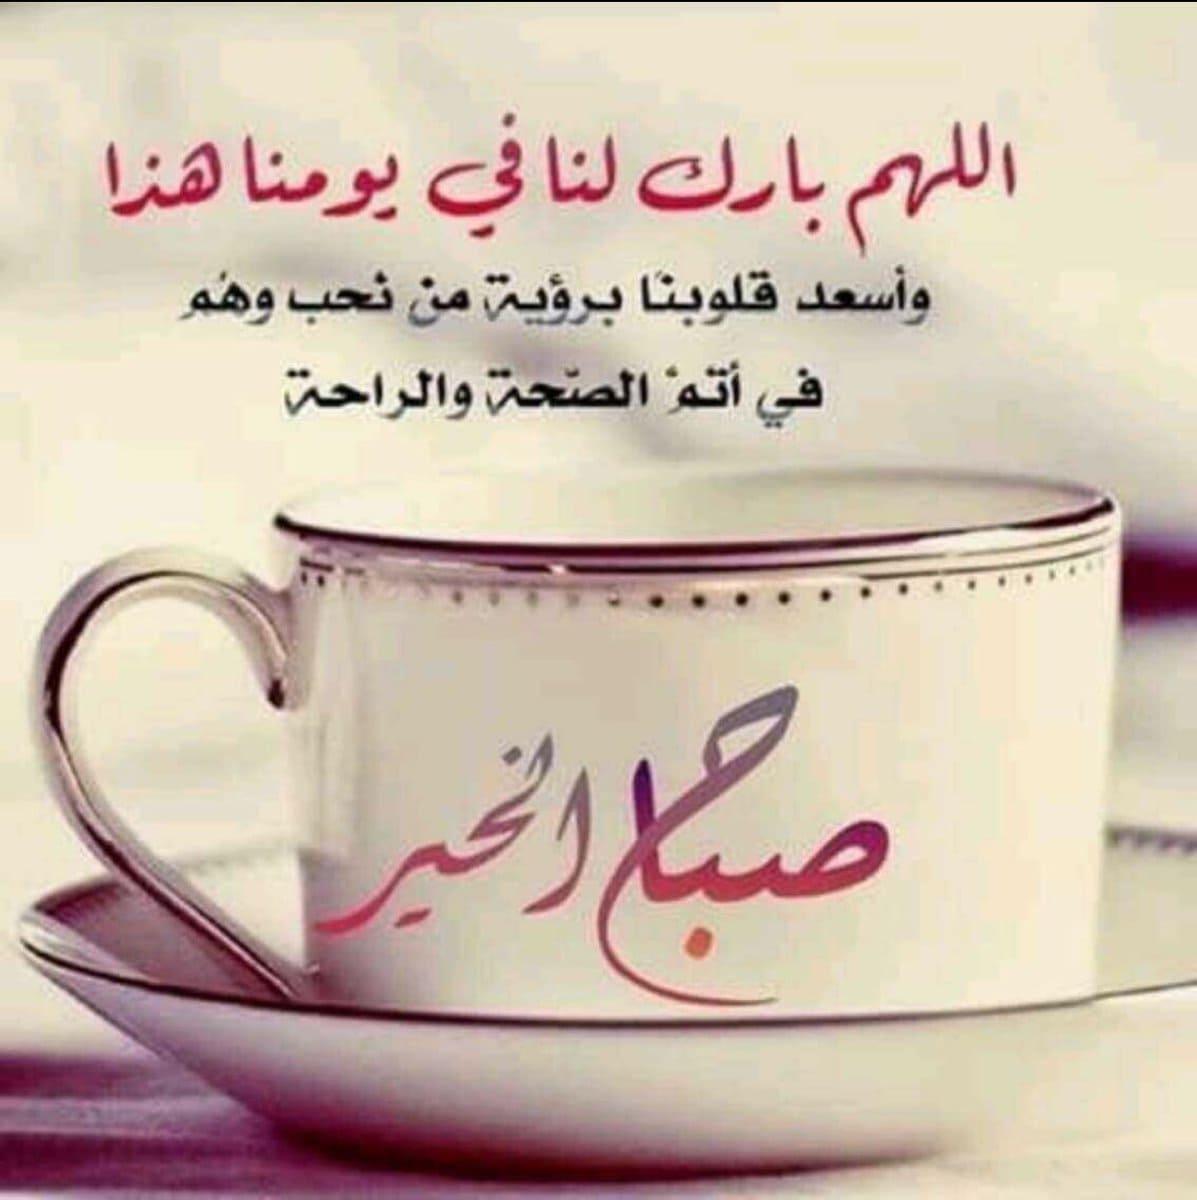 بالصور صباح الجمعه , صور ليوم الجمعه 5892 10